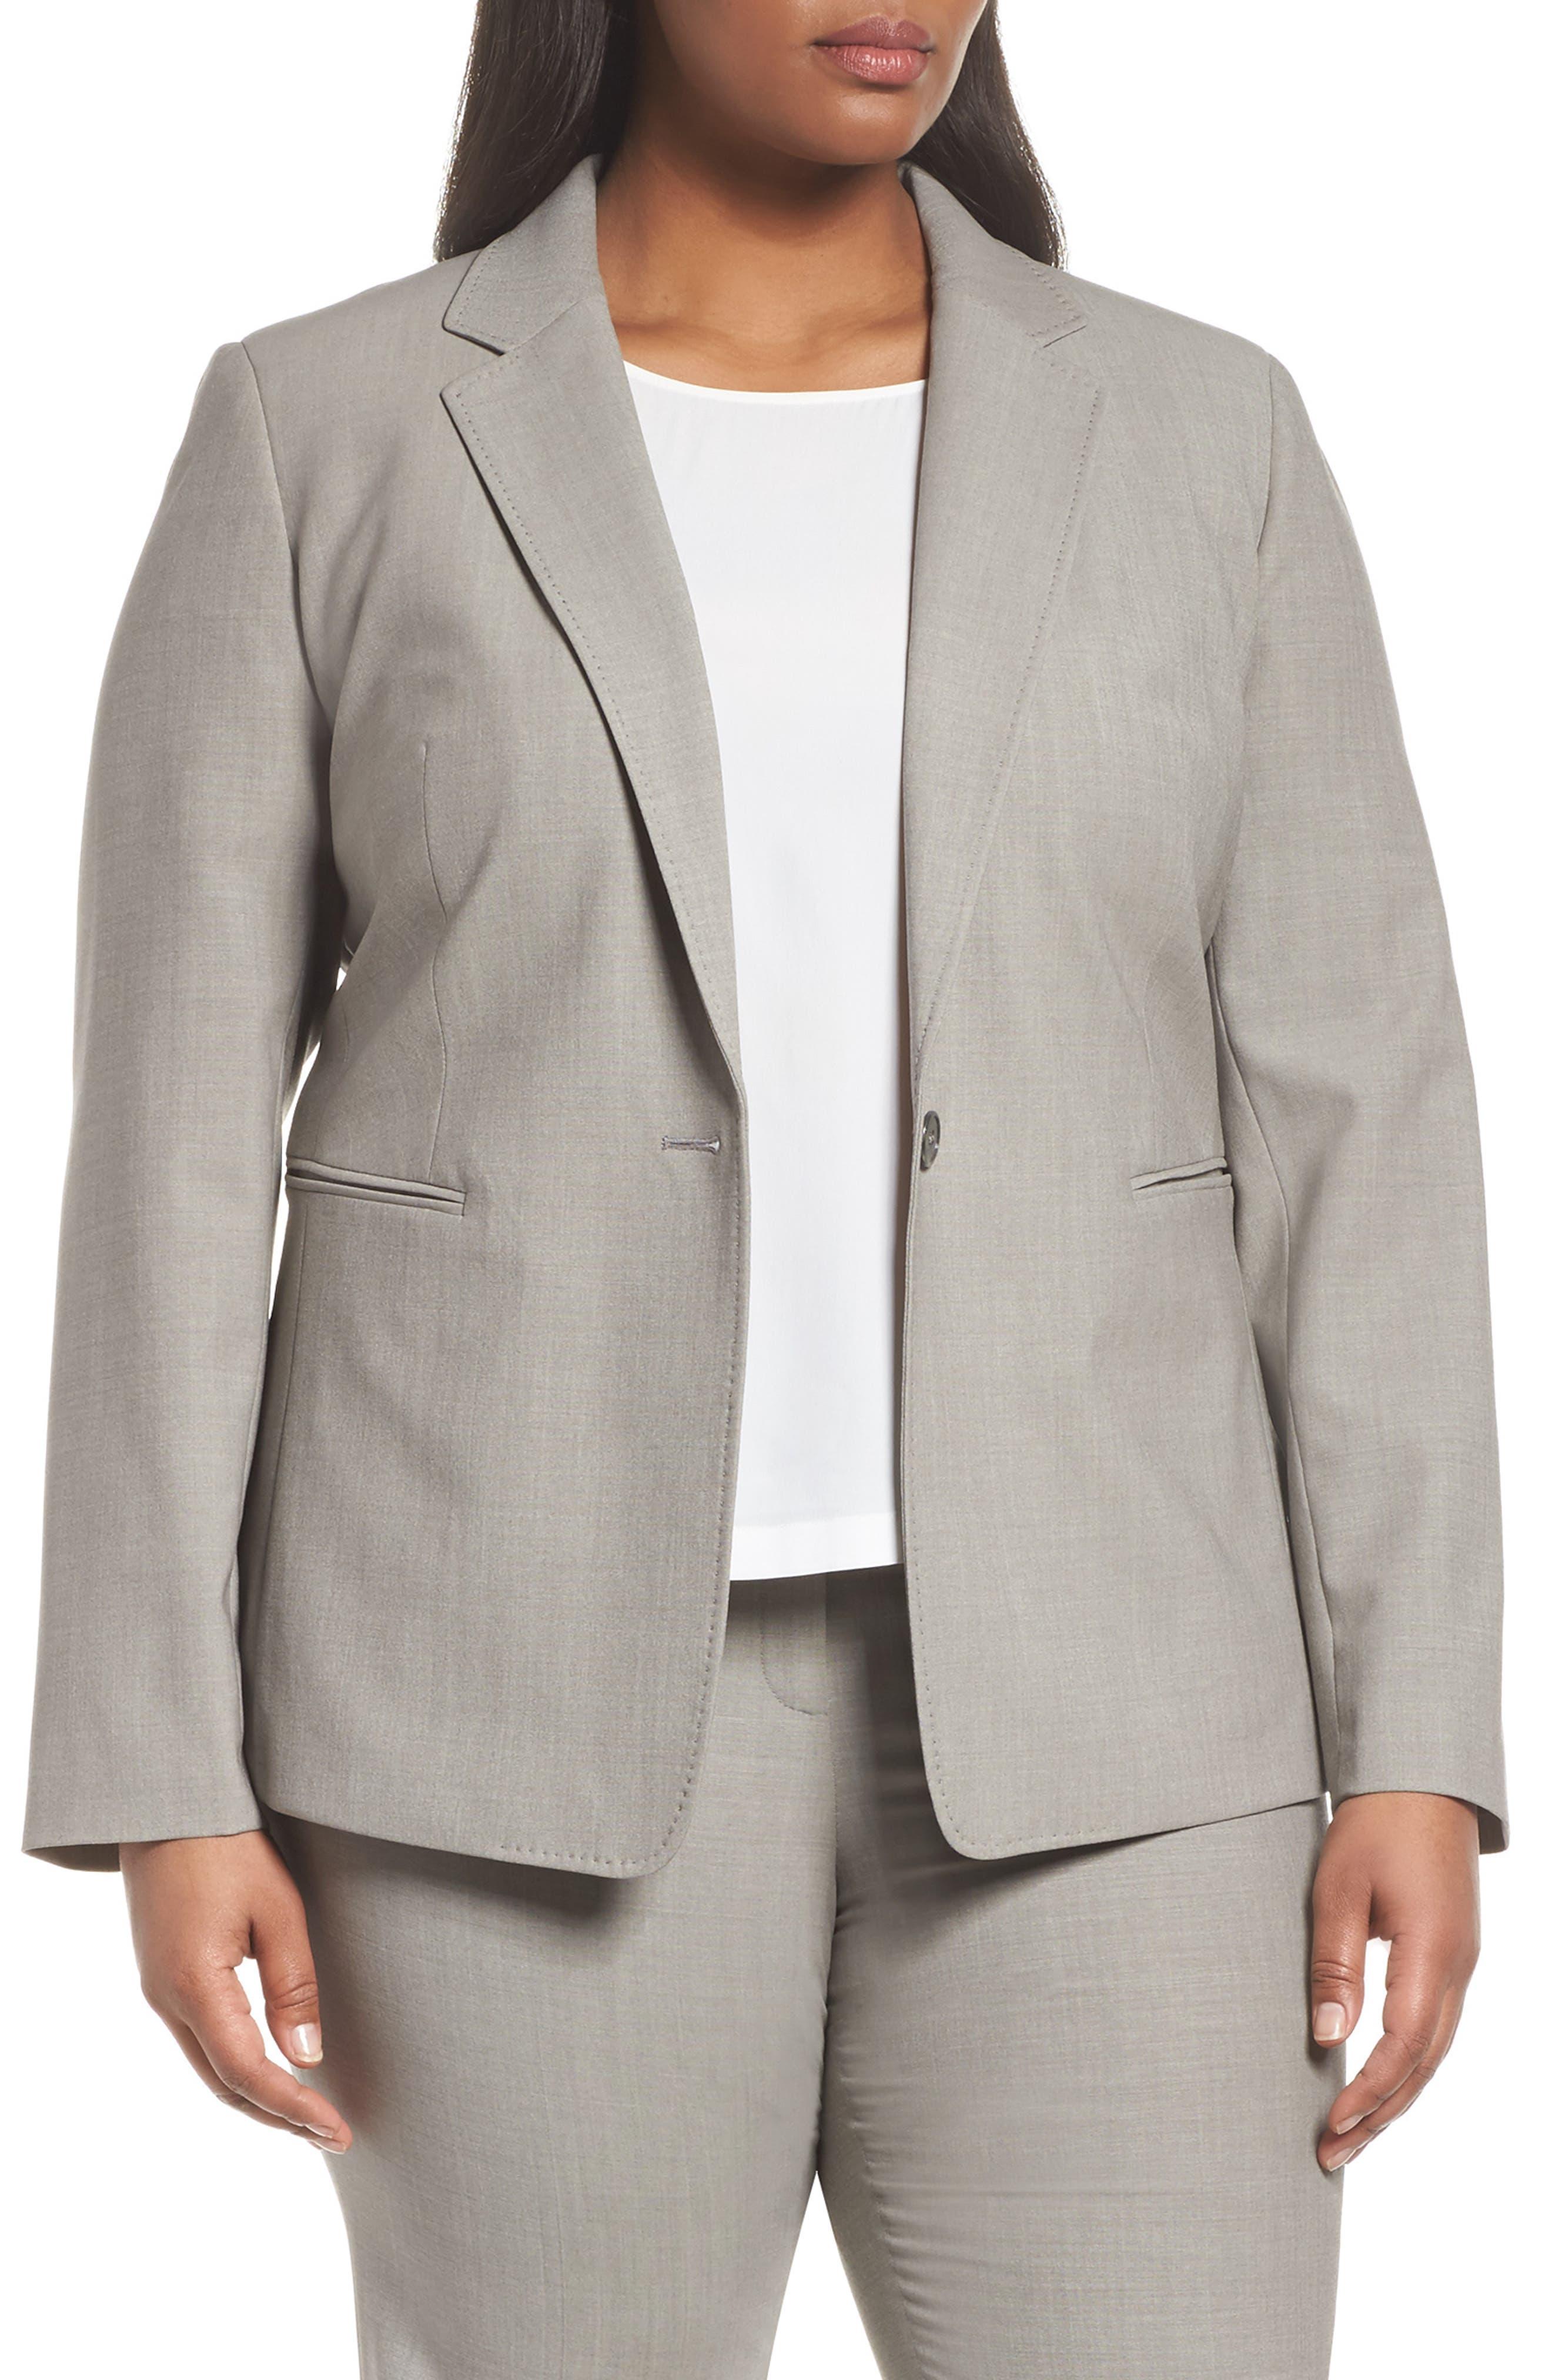 Lyndon Stretch Wool Blazer,                         Main,                         color, Feather Grey Melange